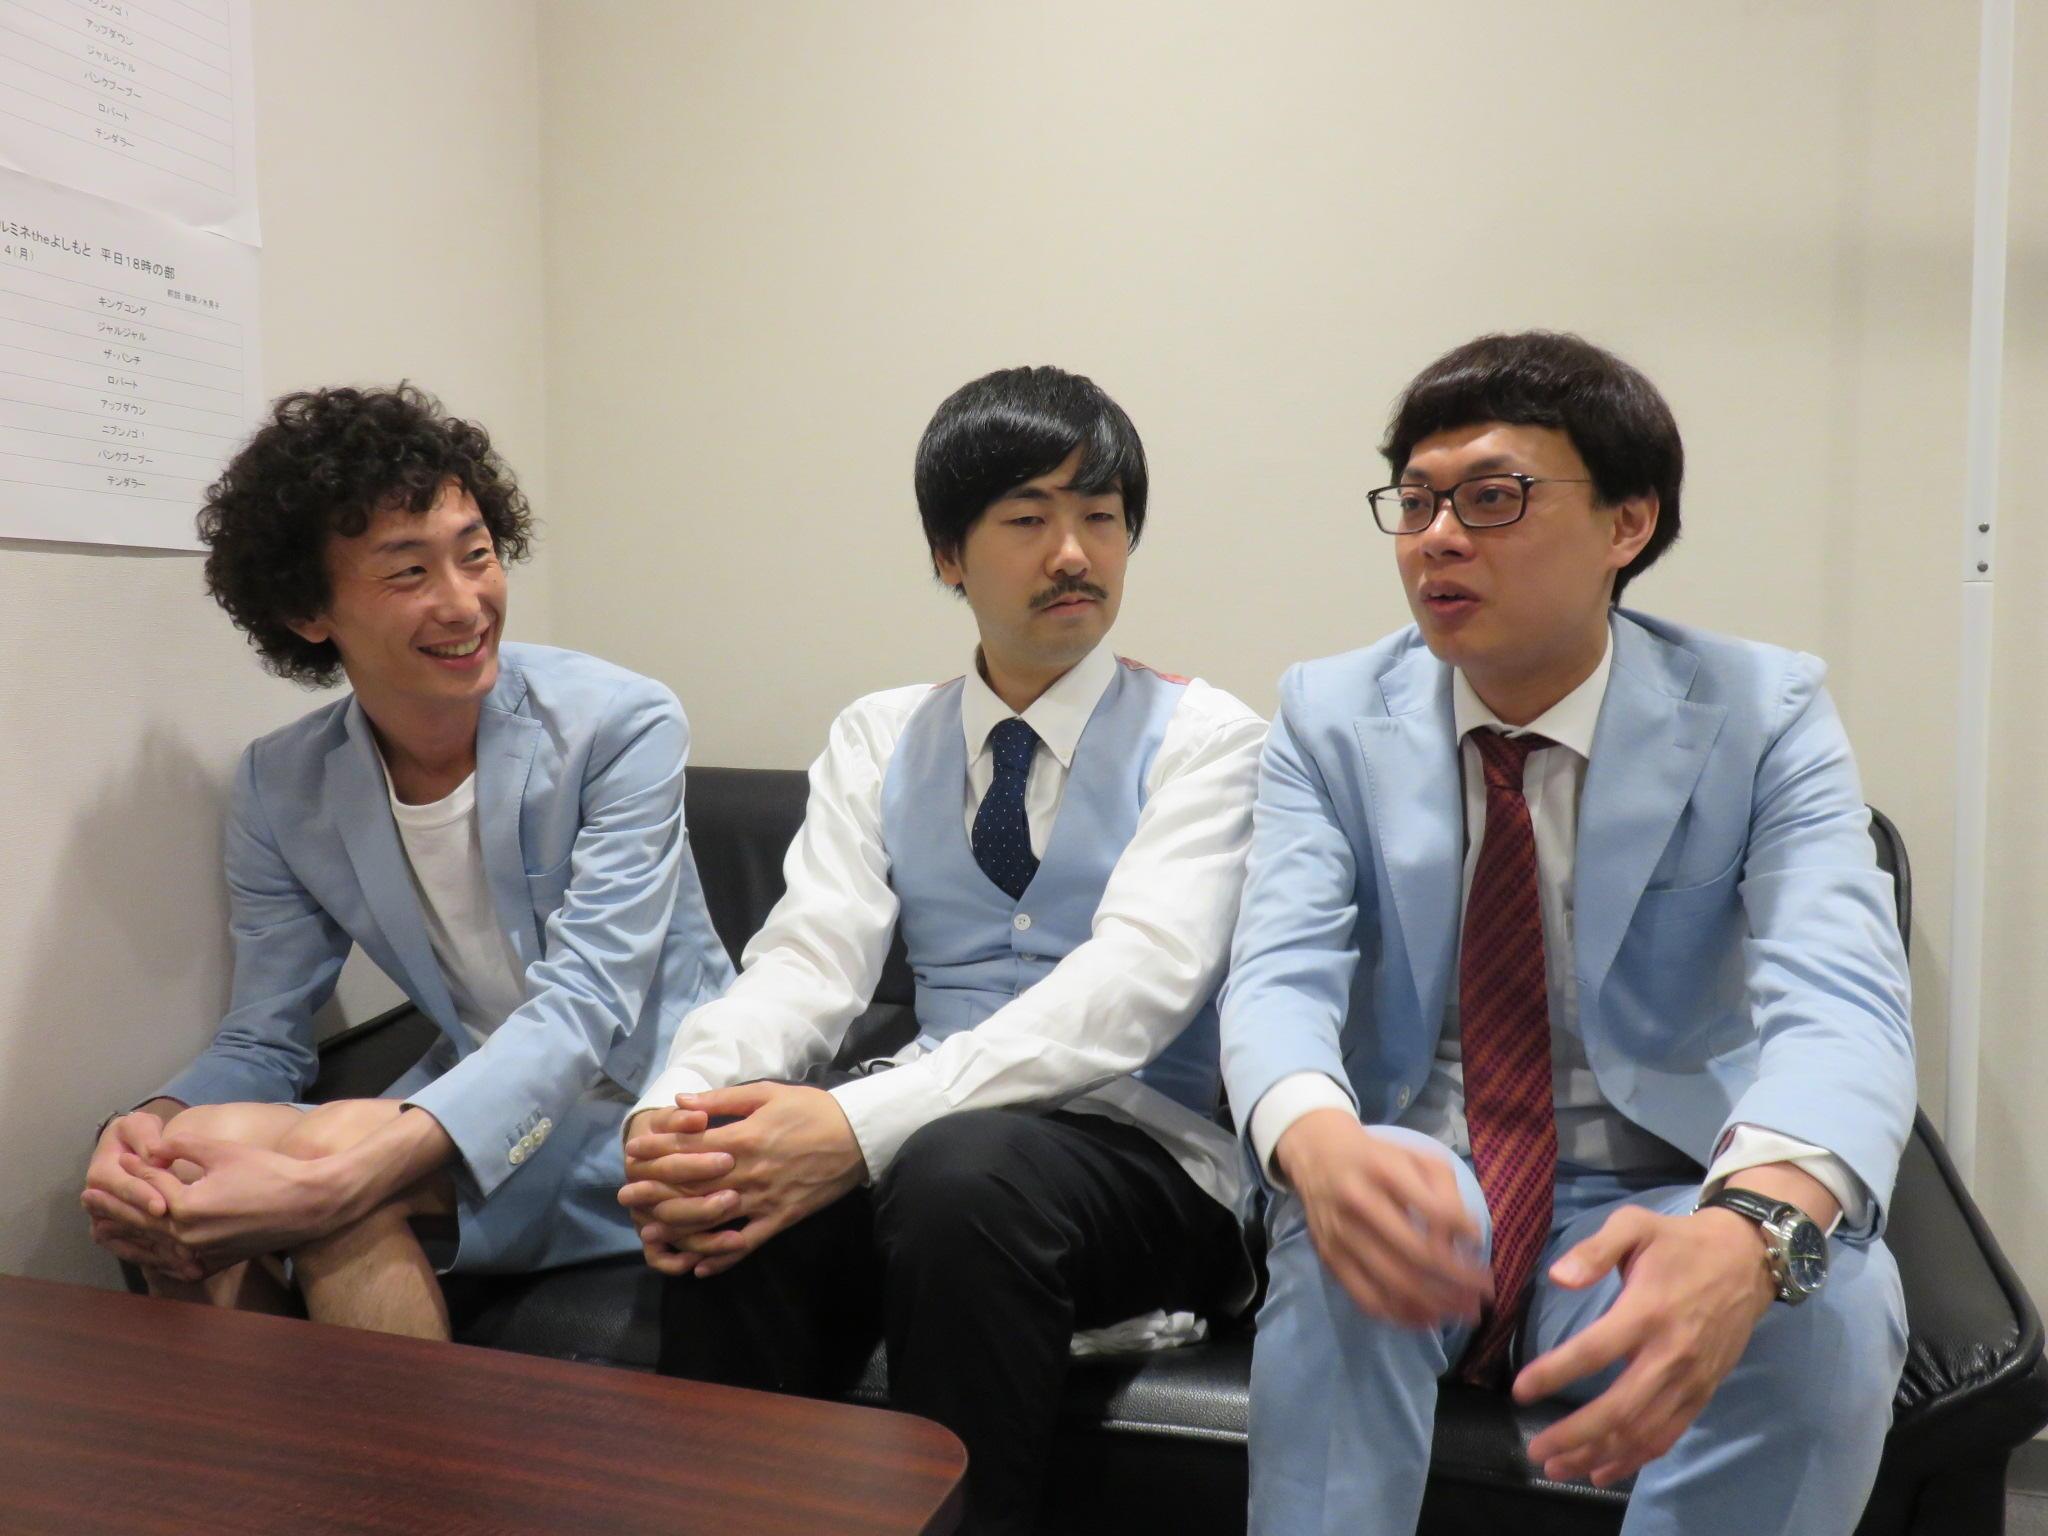 http://news.yoshimoto.co.jp/20160720230033-f8e7ae809e9e54e8fdda0b81cd0ade4ea2df25b8.jpg